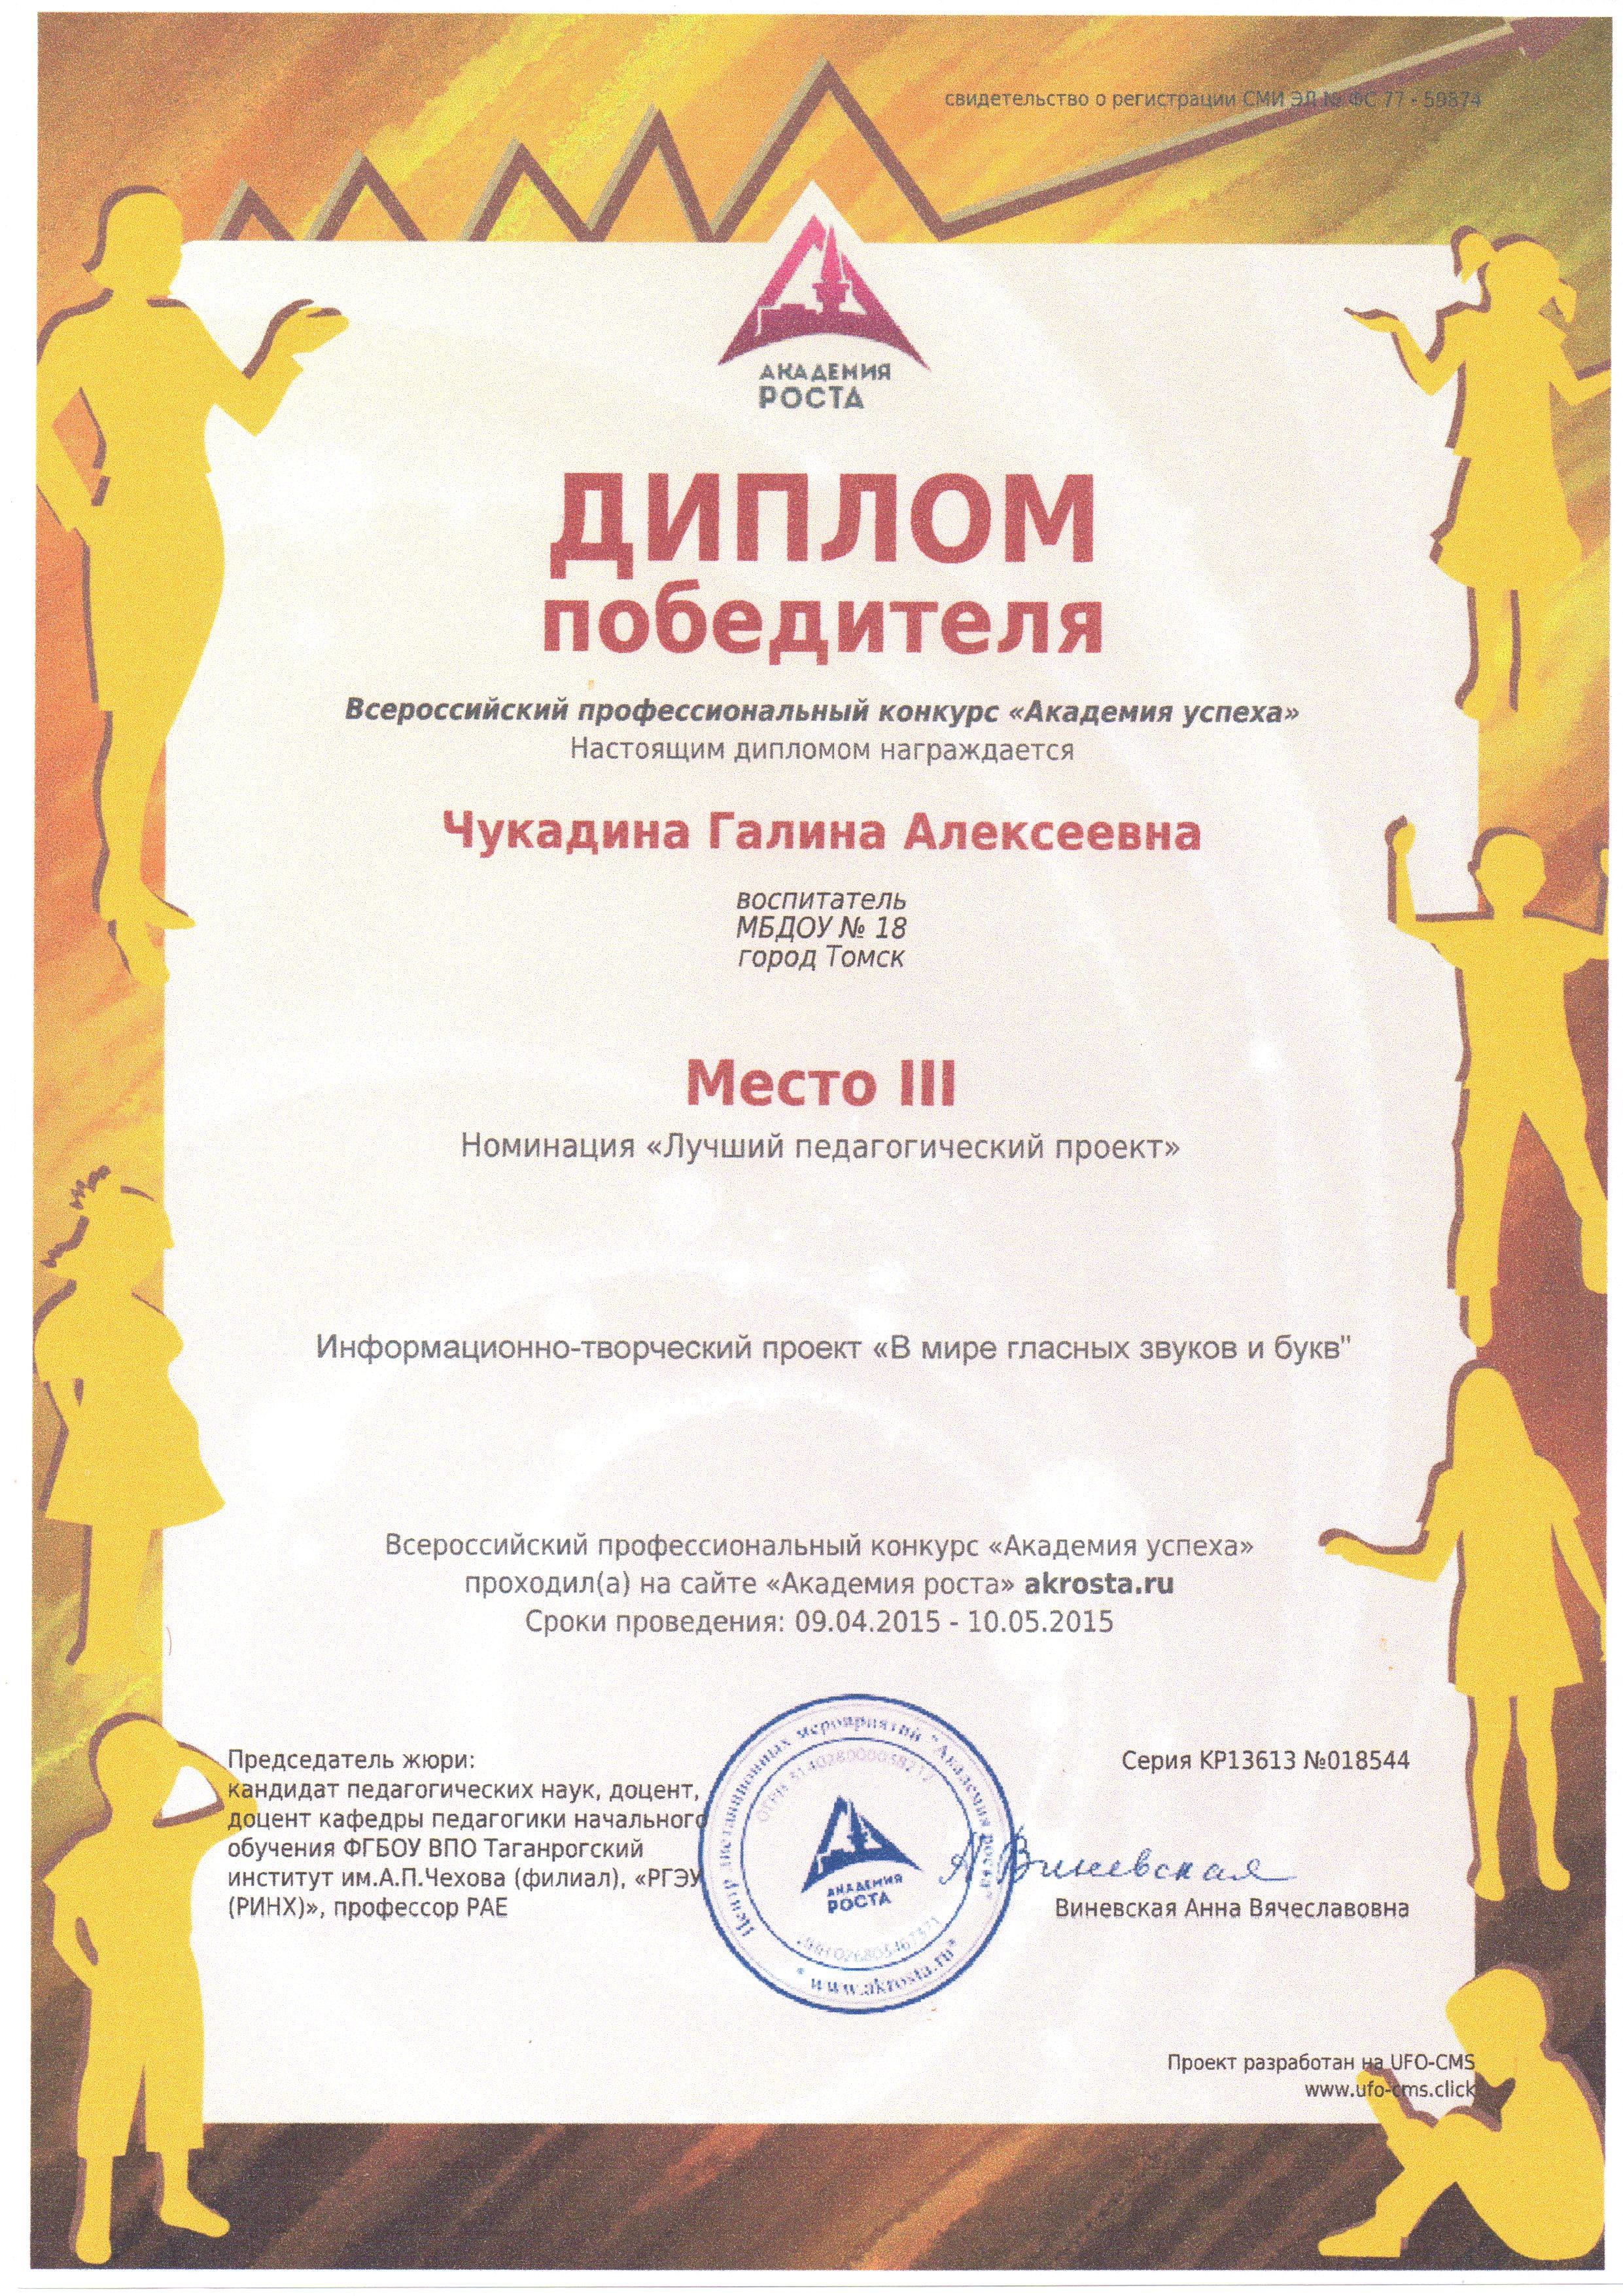 Педагогические мастерские Электронное портфолио педагога  диплом 3 место